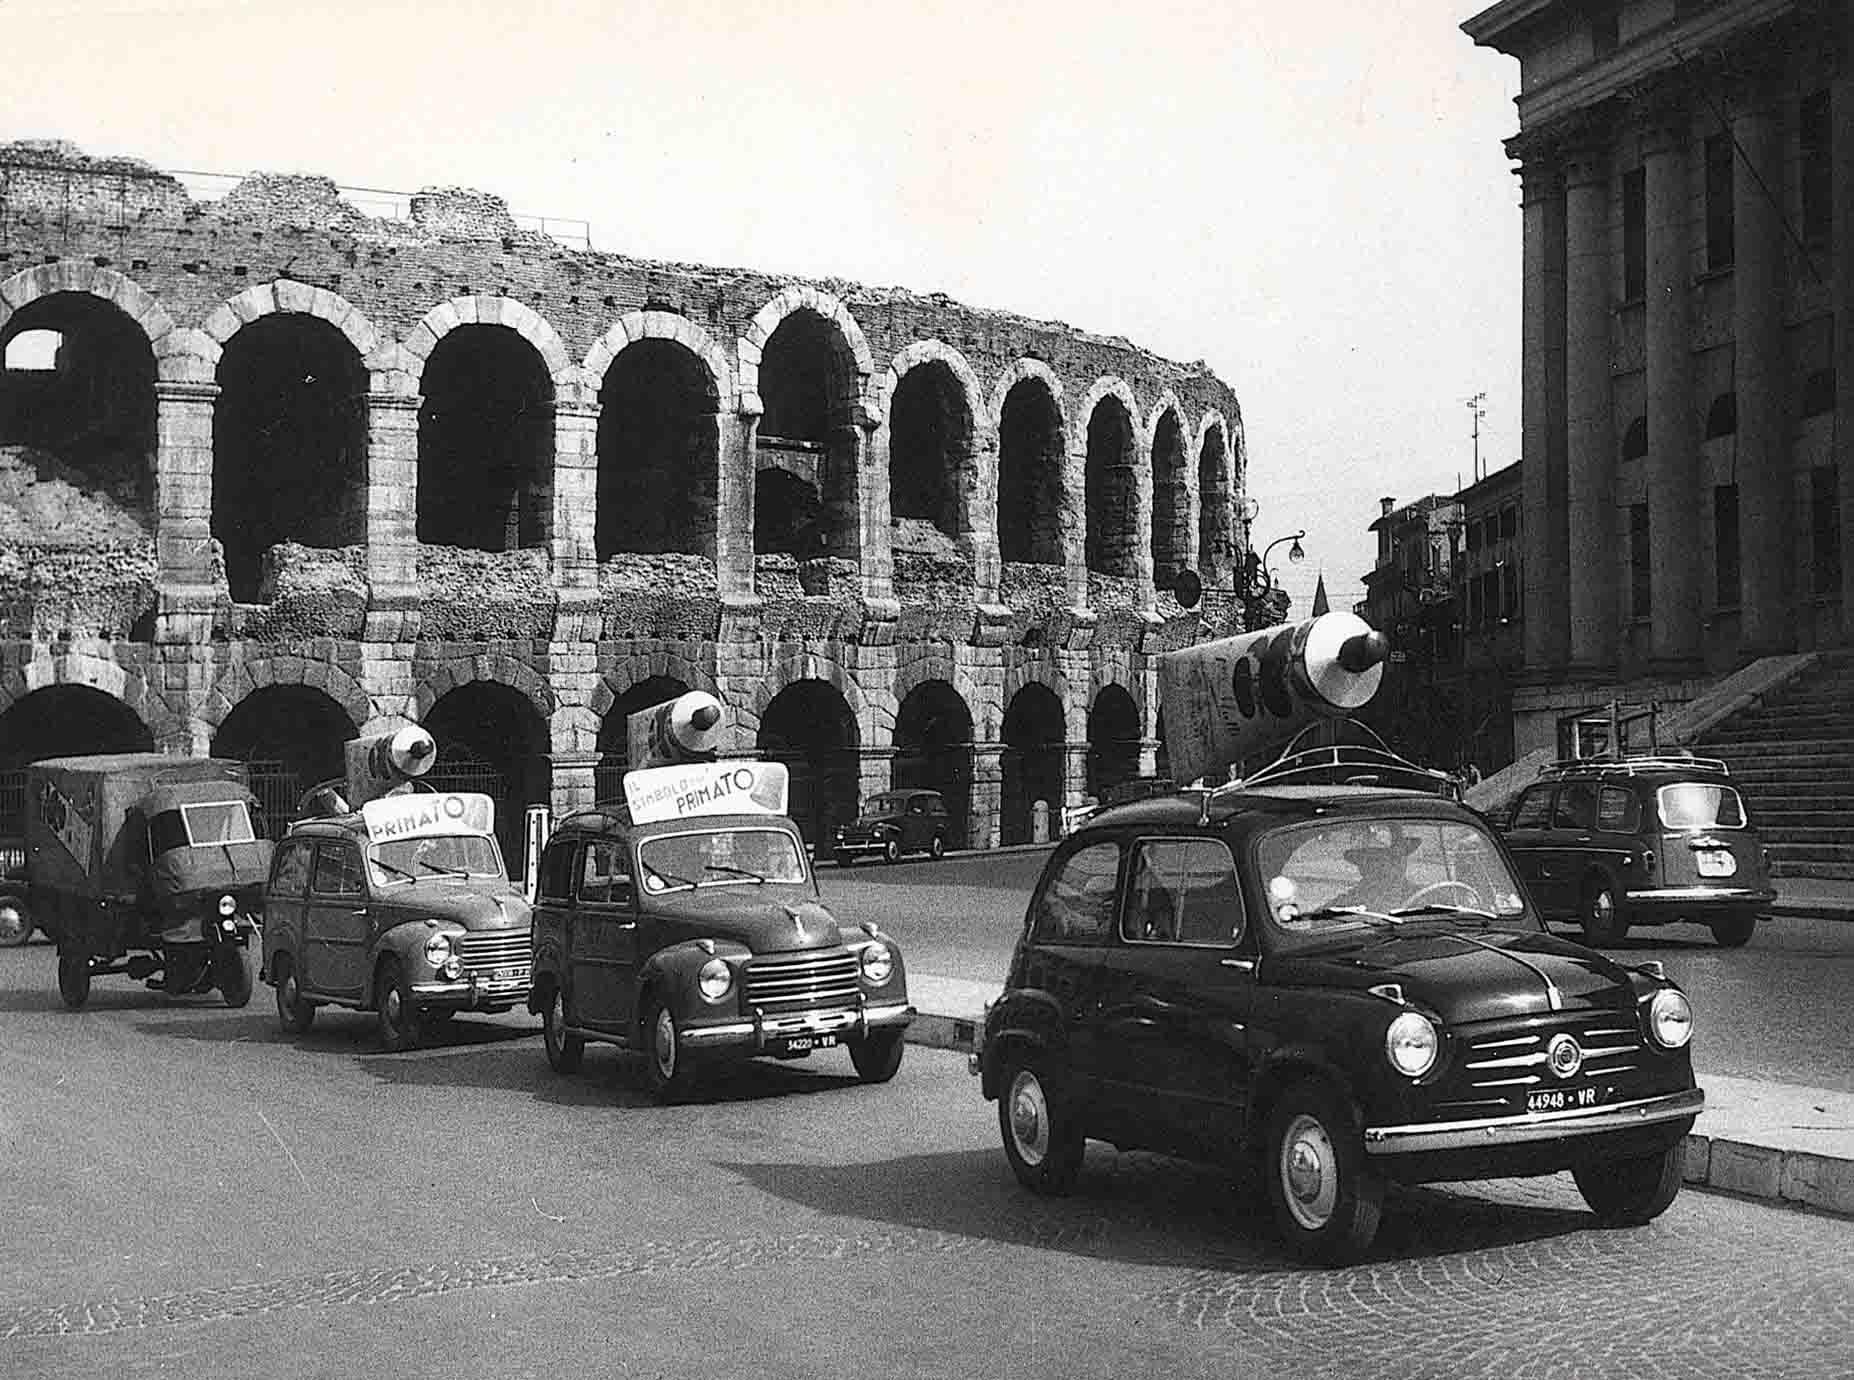 uto pubblicitarie a Verona per la promozione del concentrato in tubetto negli anni Sessanta del Novecento